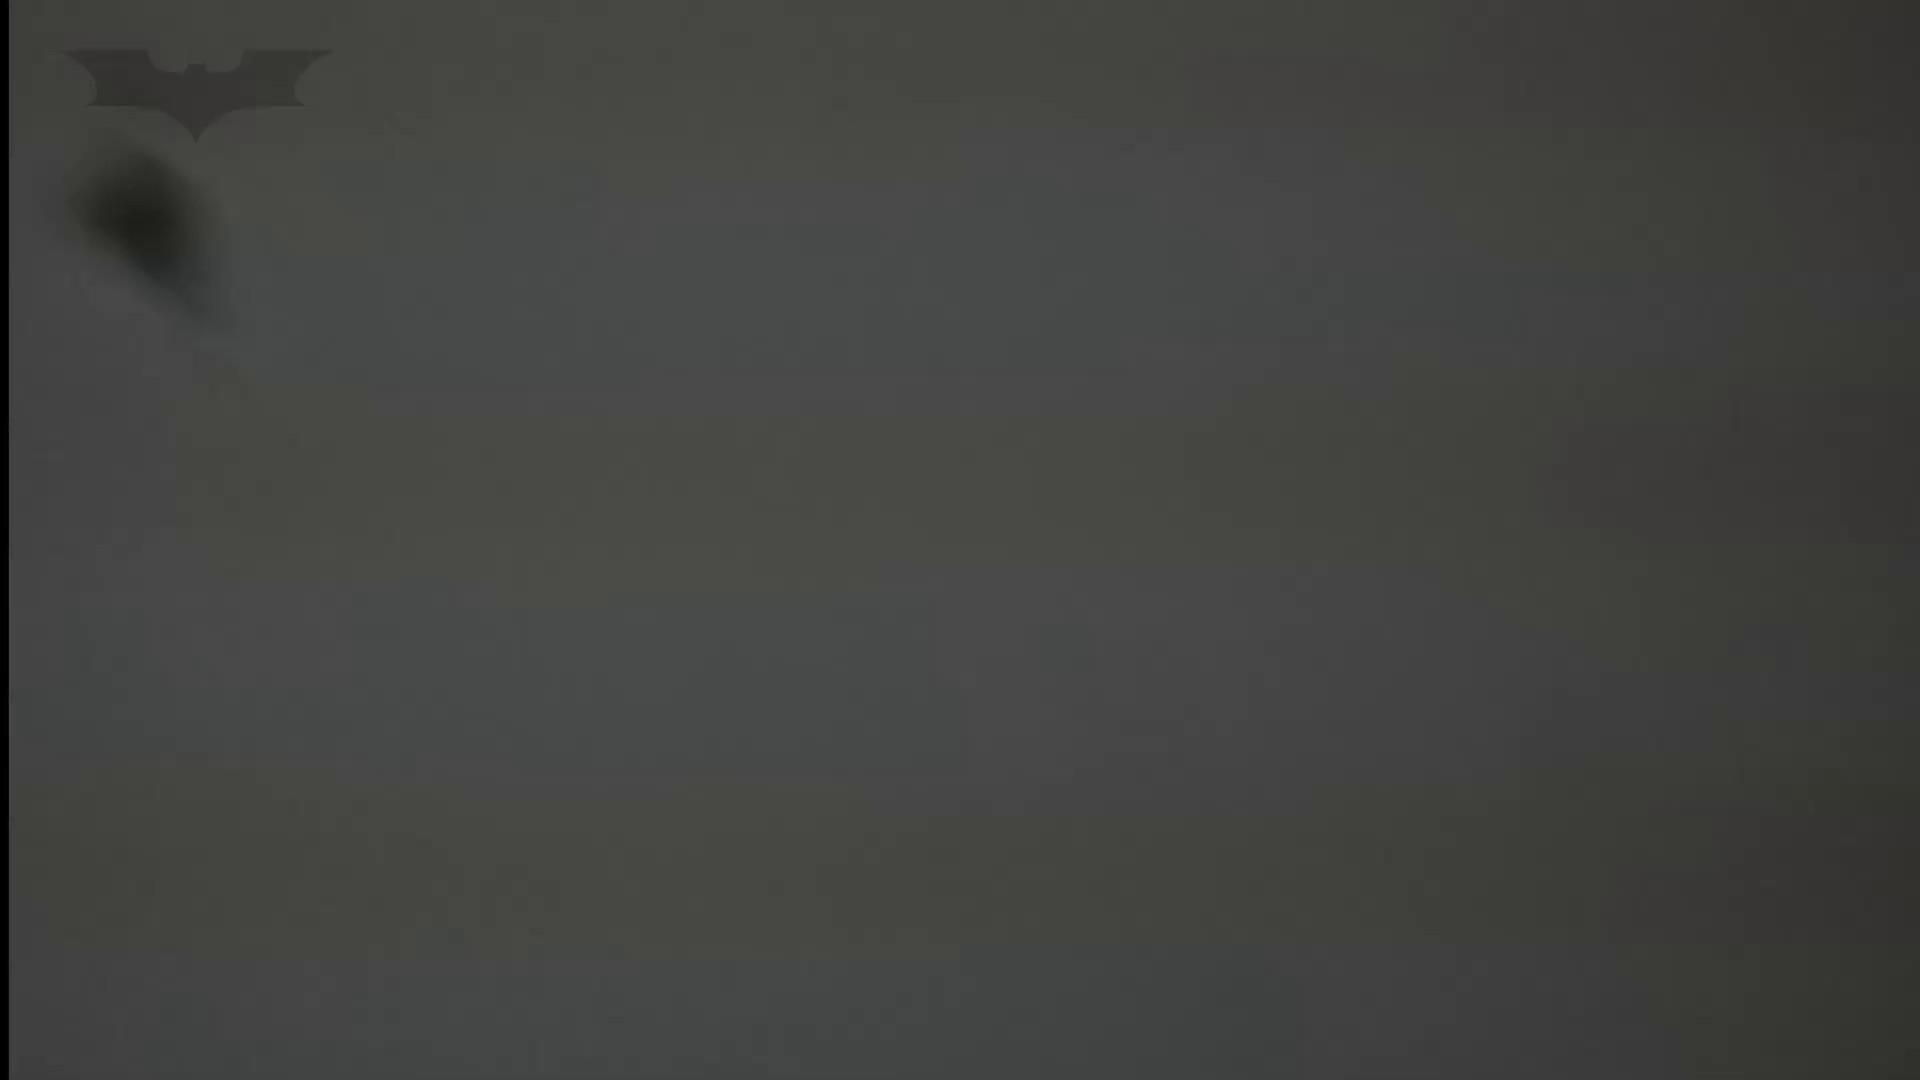 ▲復活限定D▲化粧室絵巻 駅舎編 VOL.12 SEIFUKUマフラー特集!! 洗面所  100画像 92